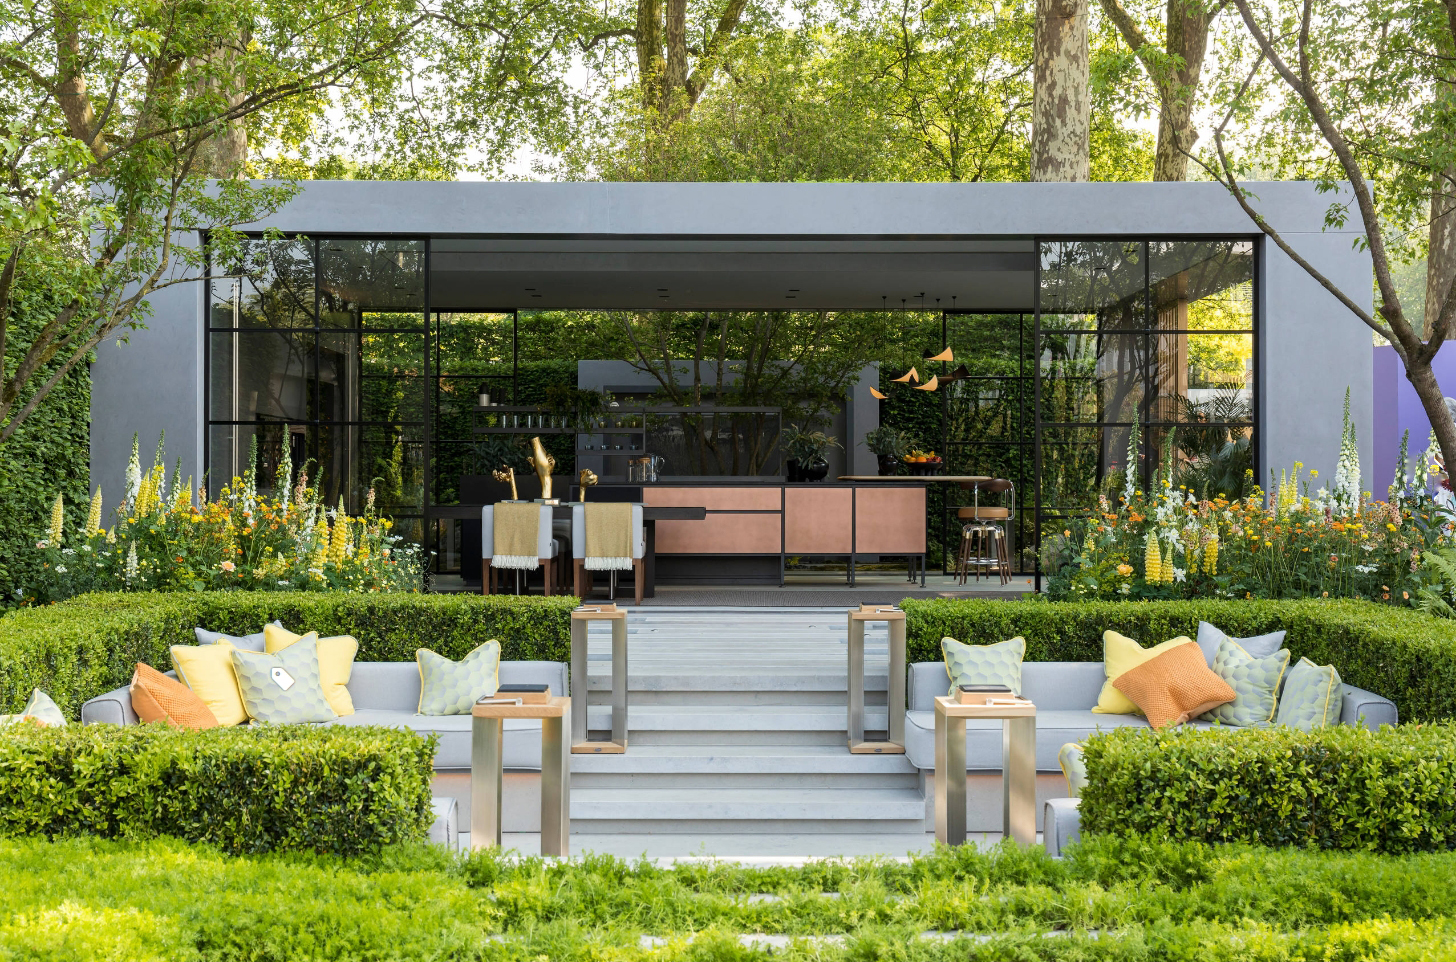 庭院设计:满园绿色关不住!一个简约唯美的下沉式别墅花园图片